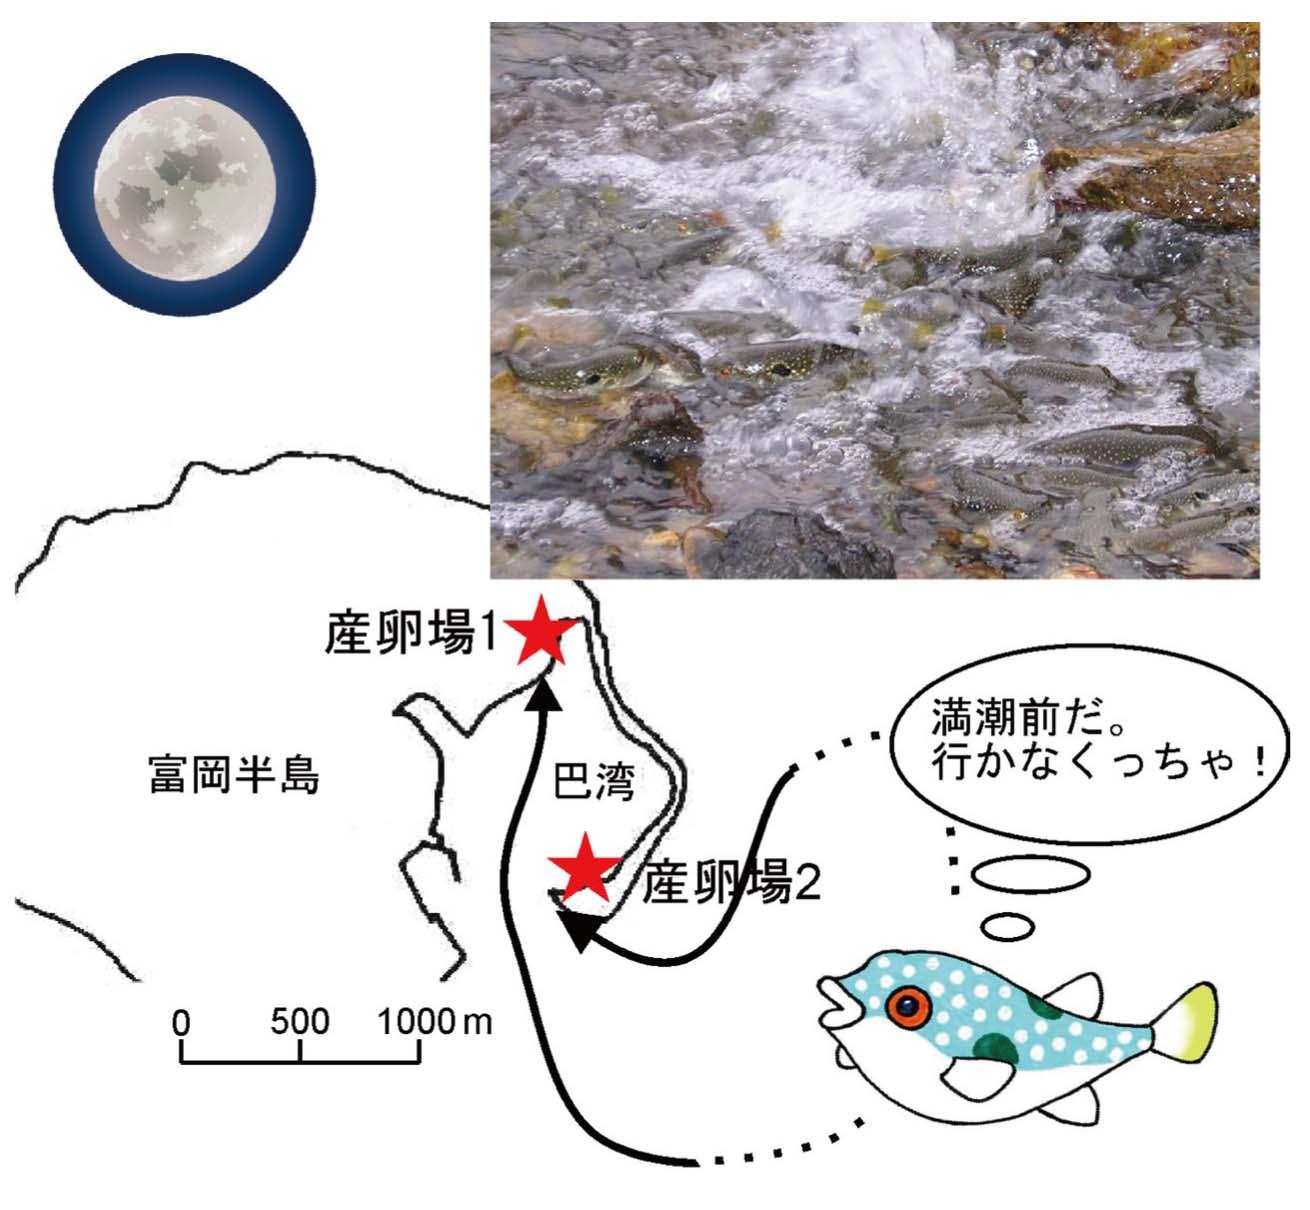 クサフグの半月周性集団産卵回遊